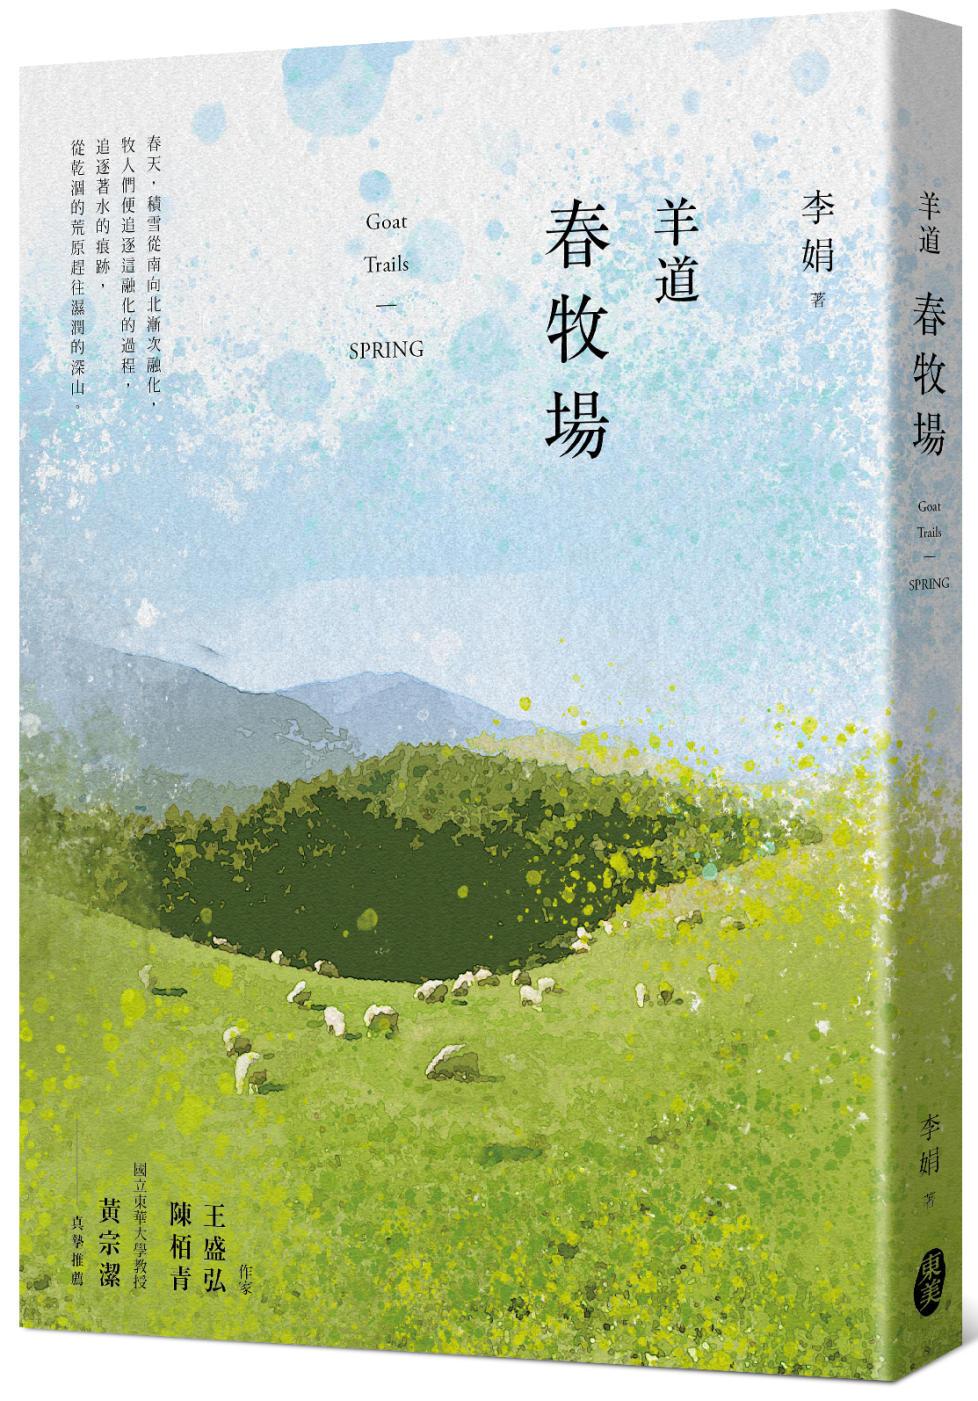 羊道:春牧場(2021全新修訂版)